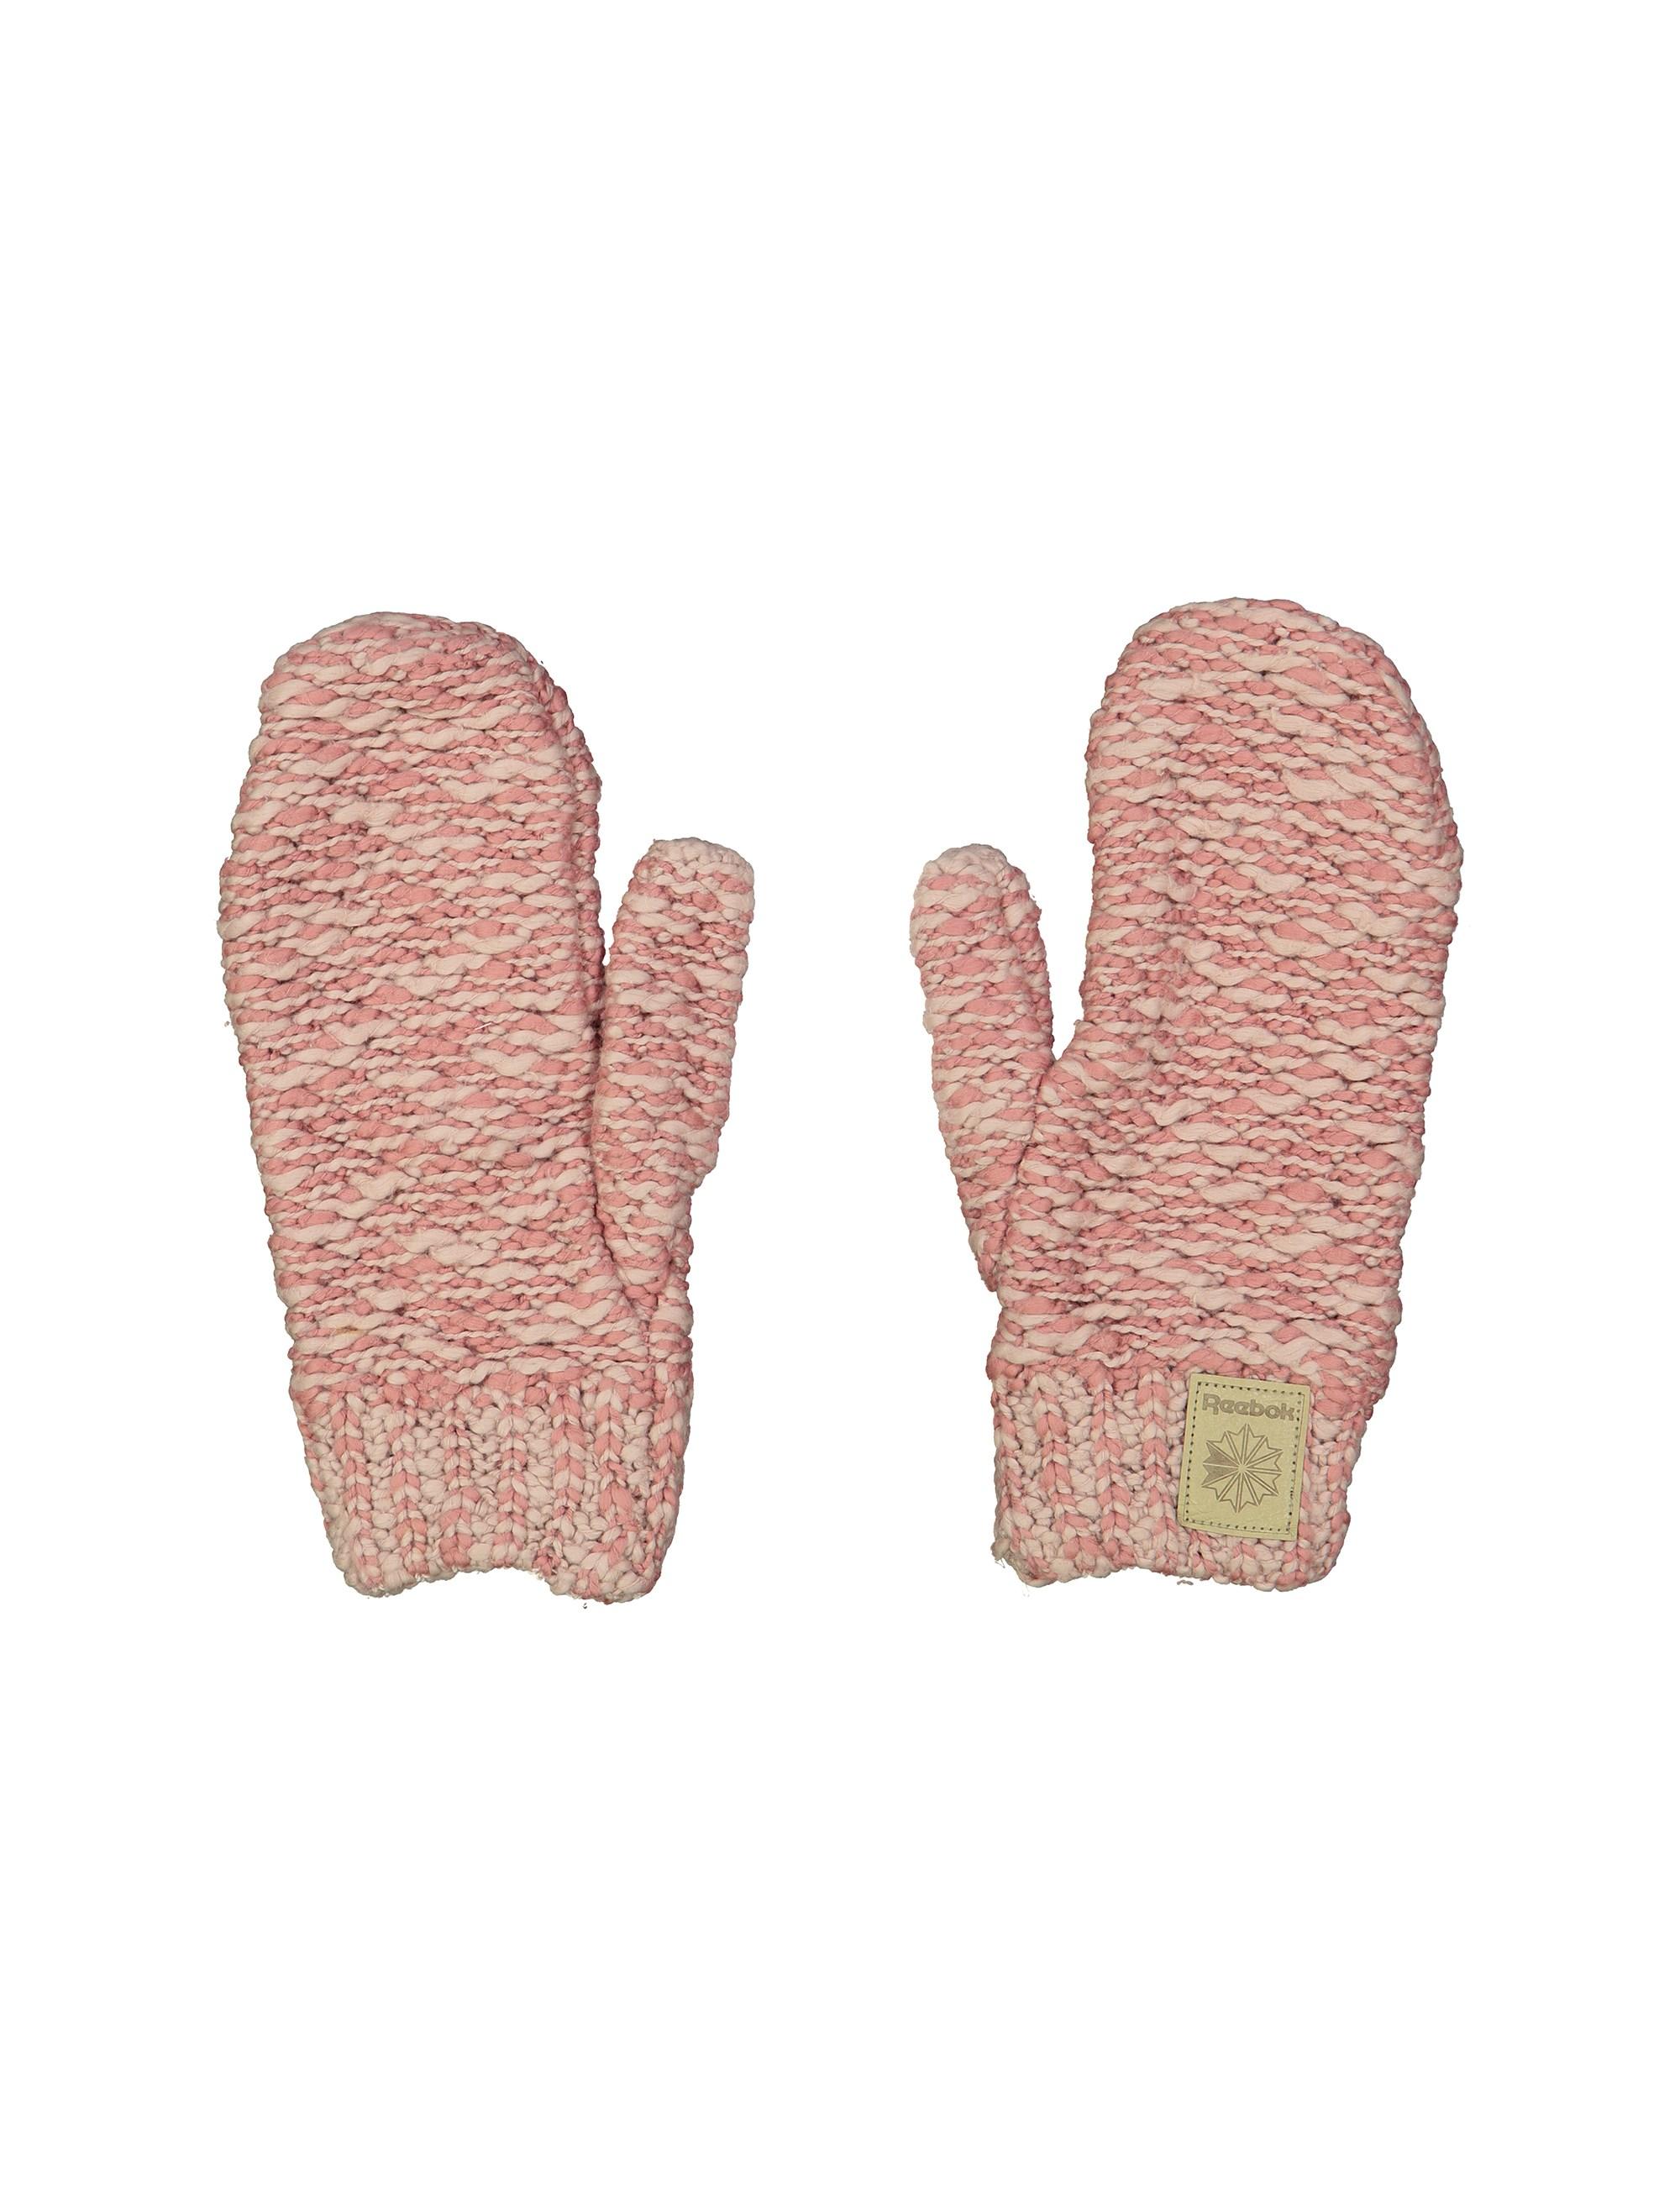 دستکش نخی بدون انگشت مردانه - صورتي و سفيد - 1